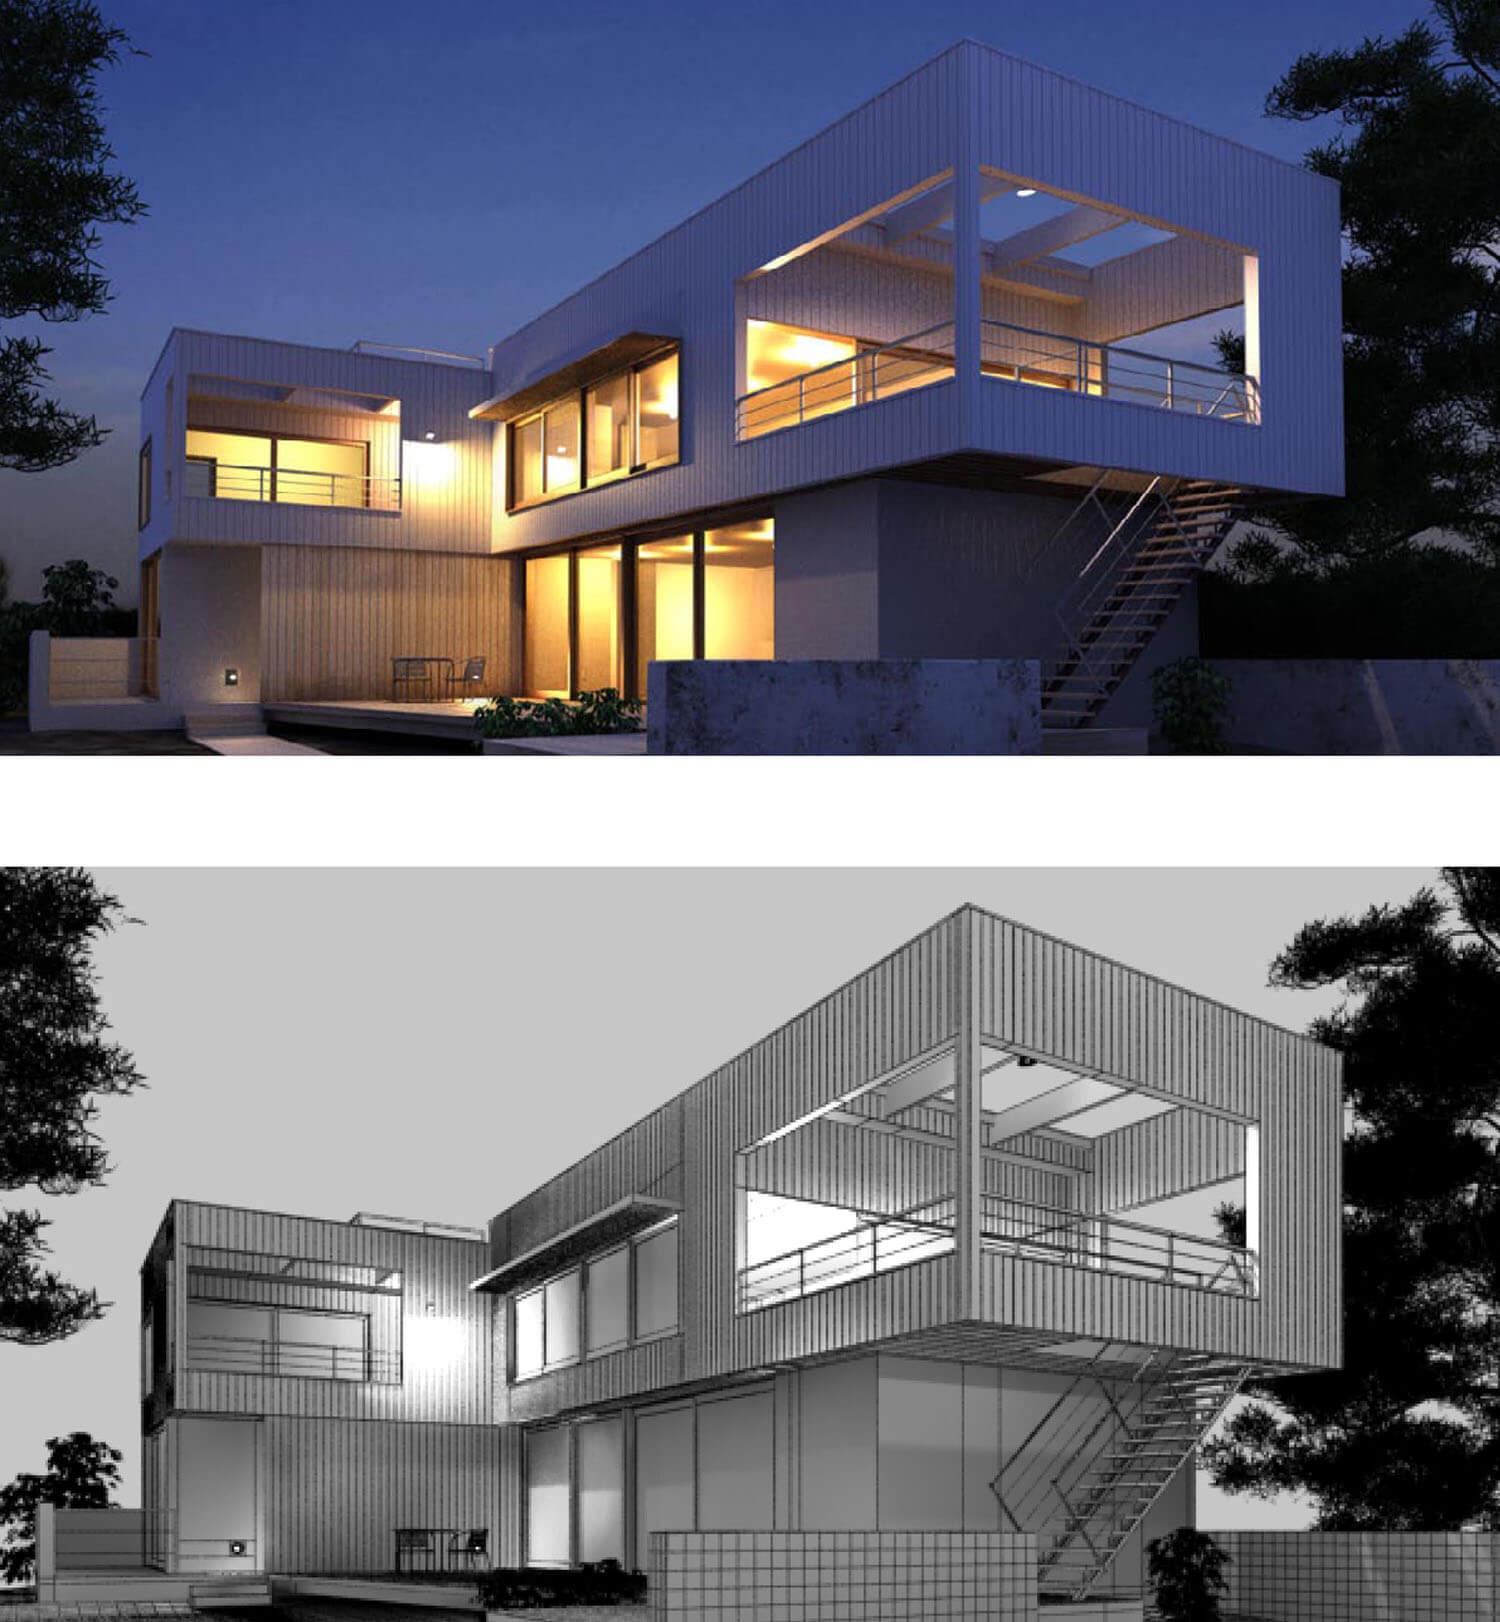 Không gian Villa đẹp được thiết kế hình hộp